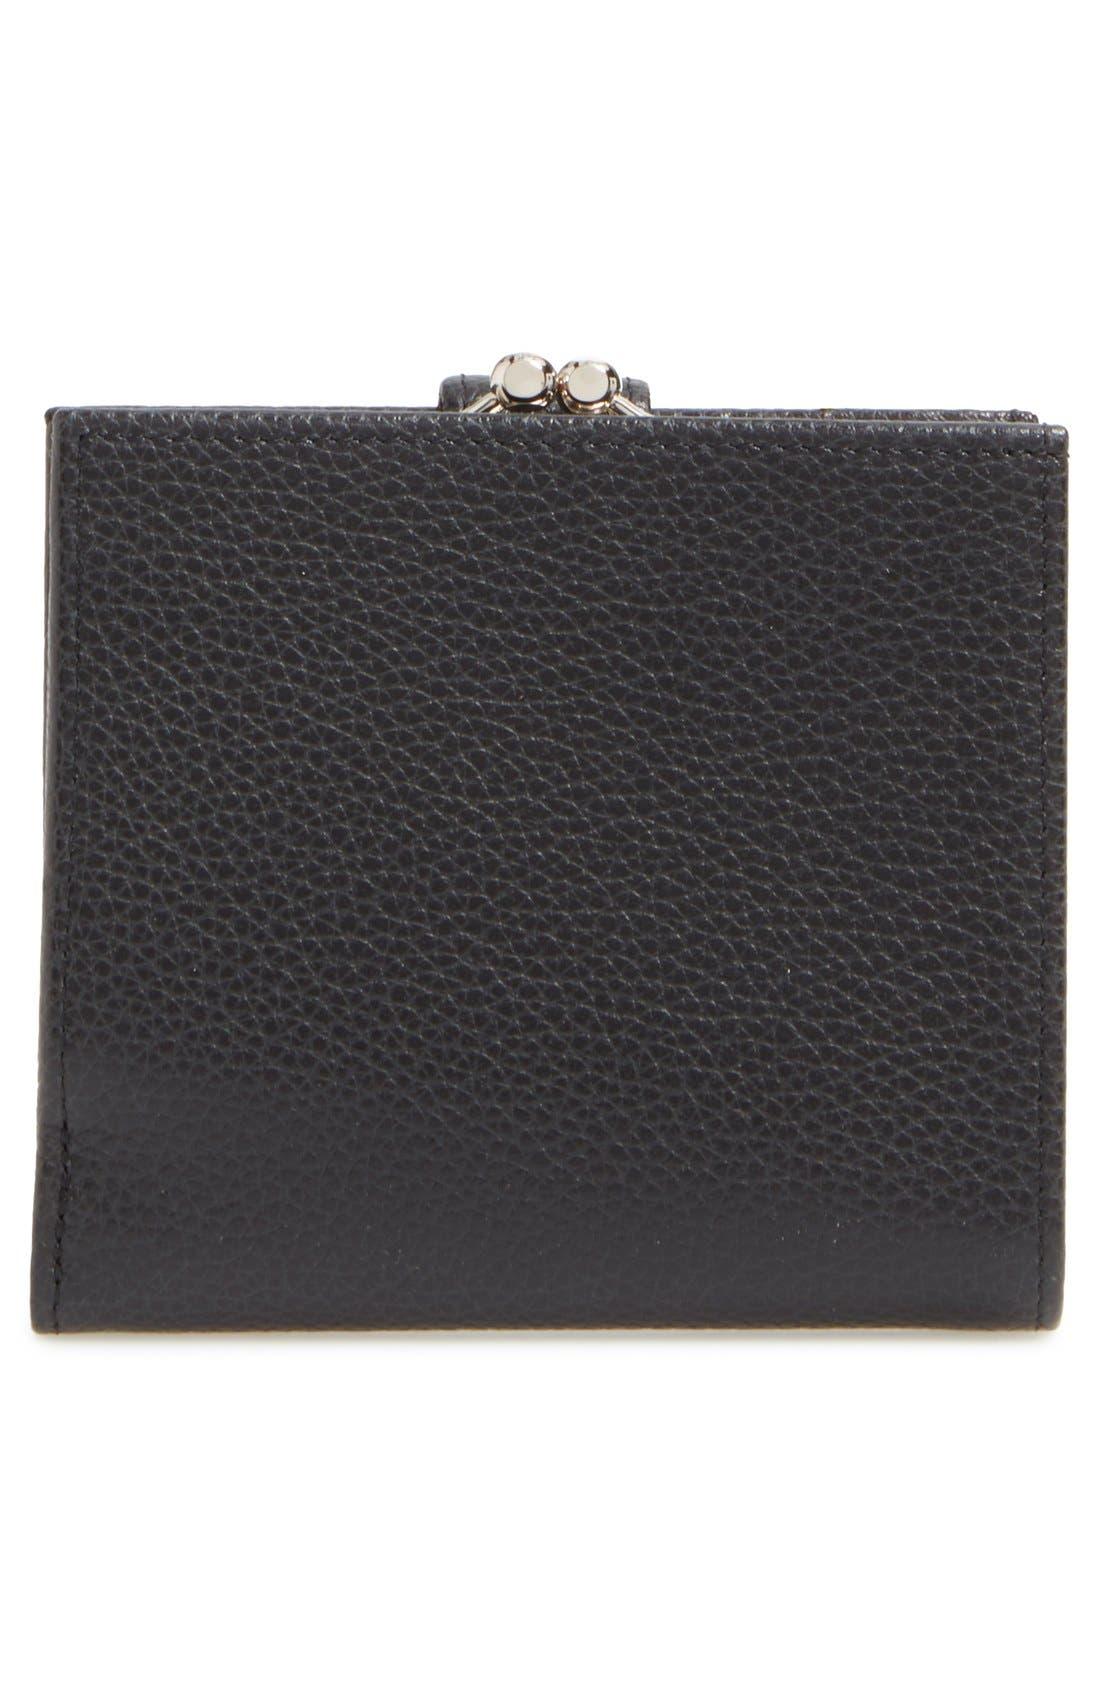 'Le Foulonne' Pebbled Leather Wallet,                             Alternate thumbnail 4, color,                             BLACK